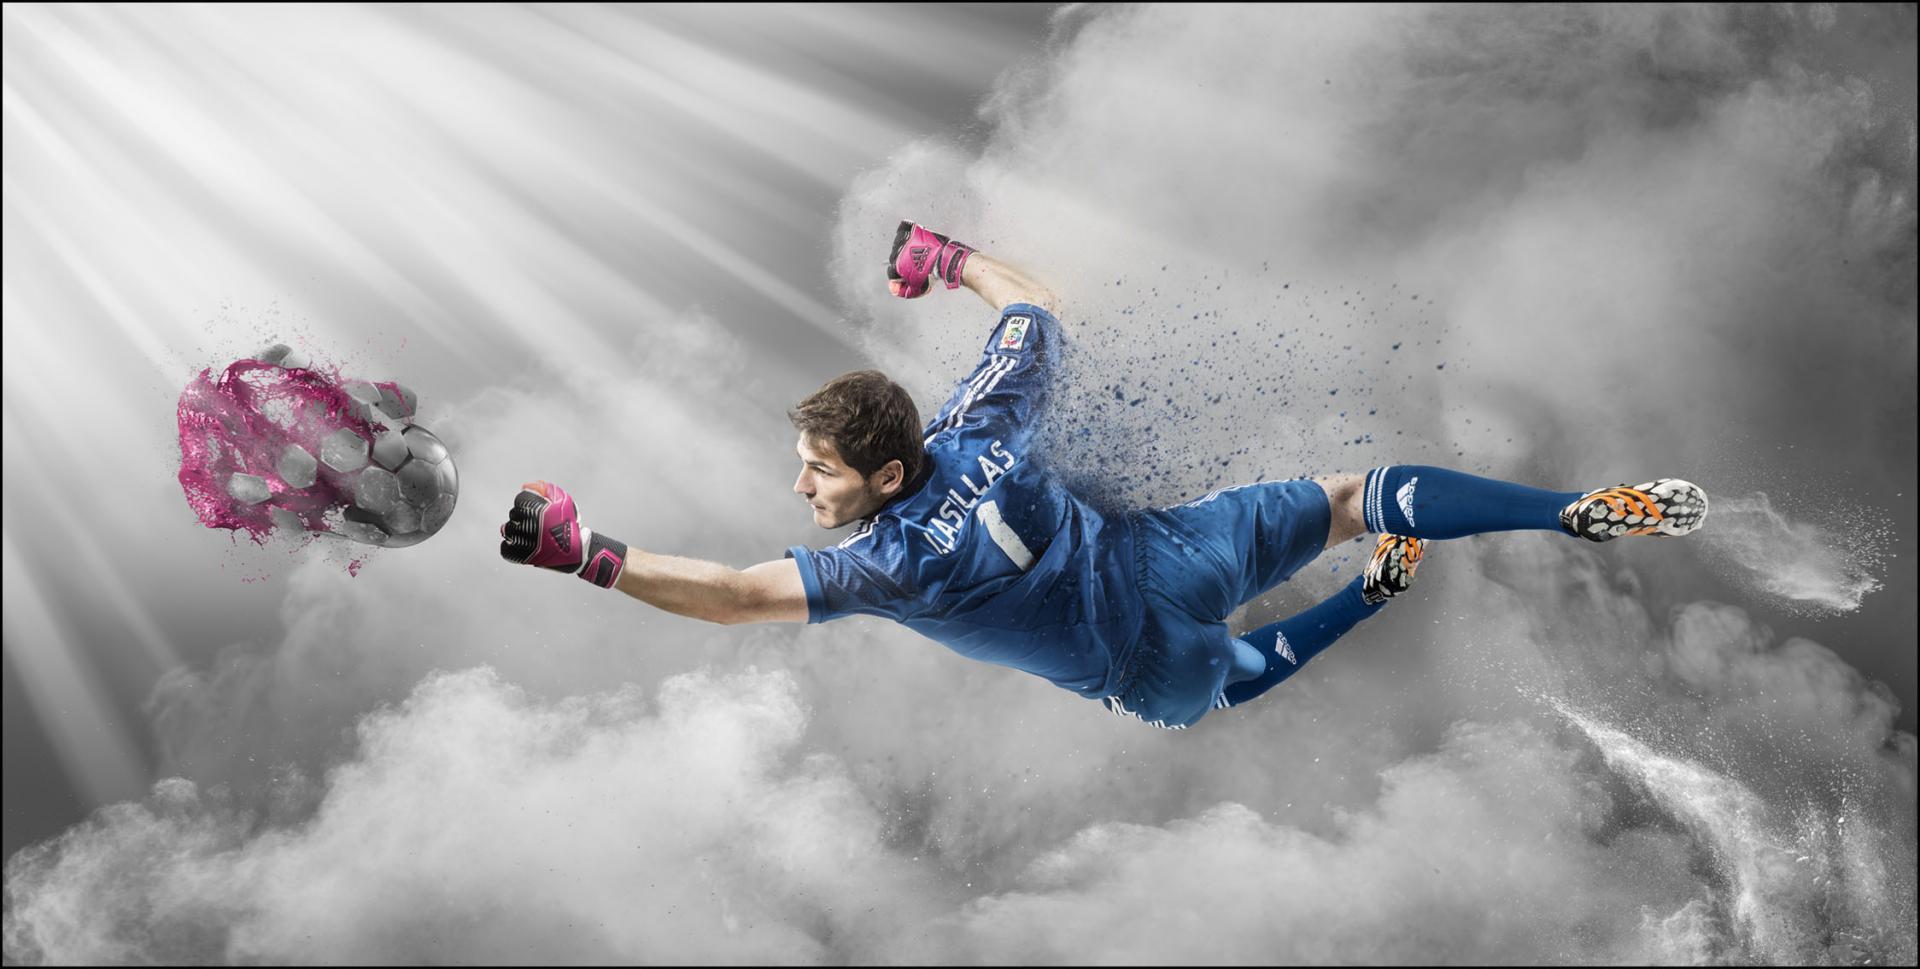 e football casillas_marconegro.jpg